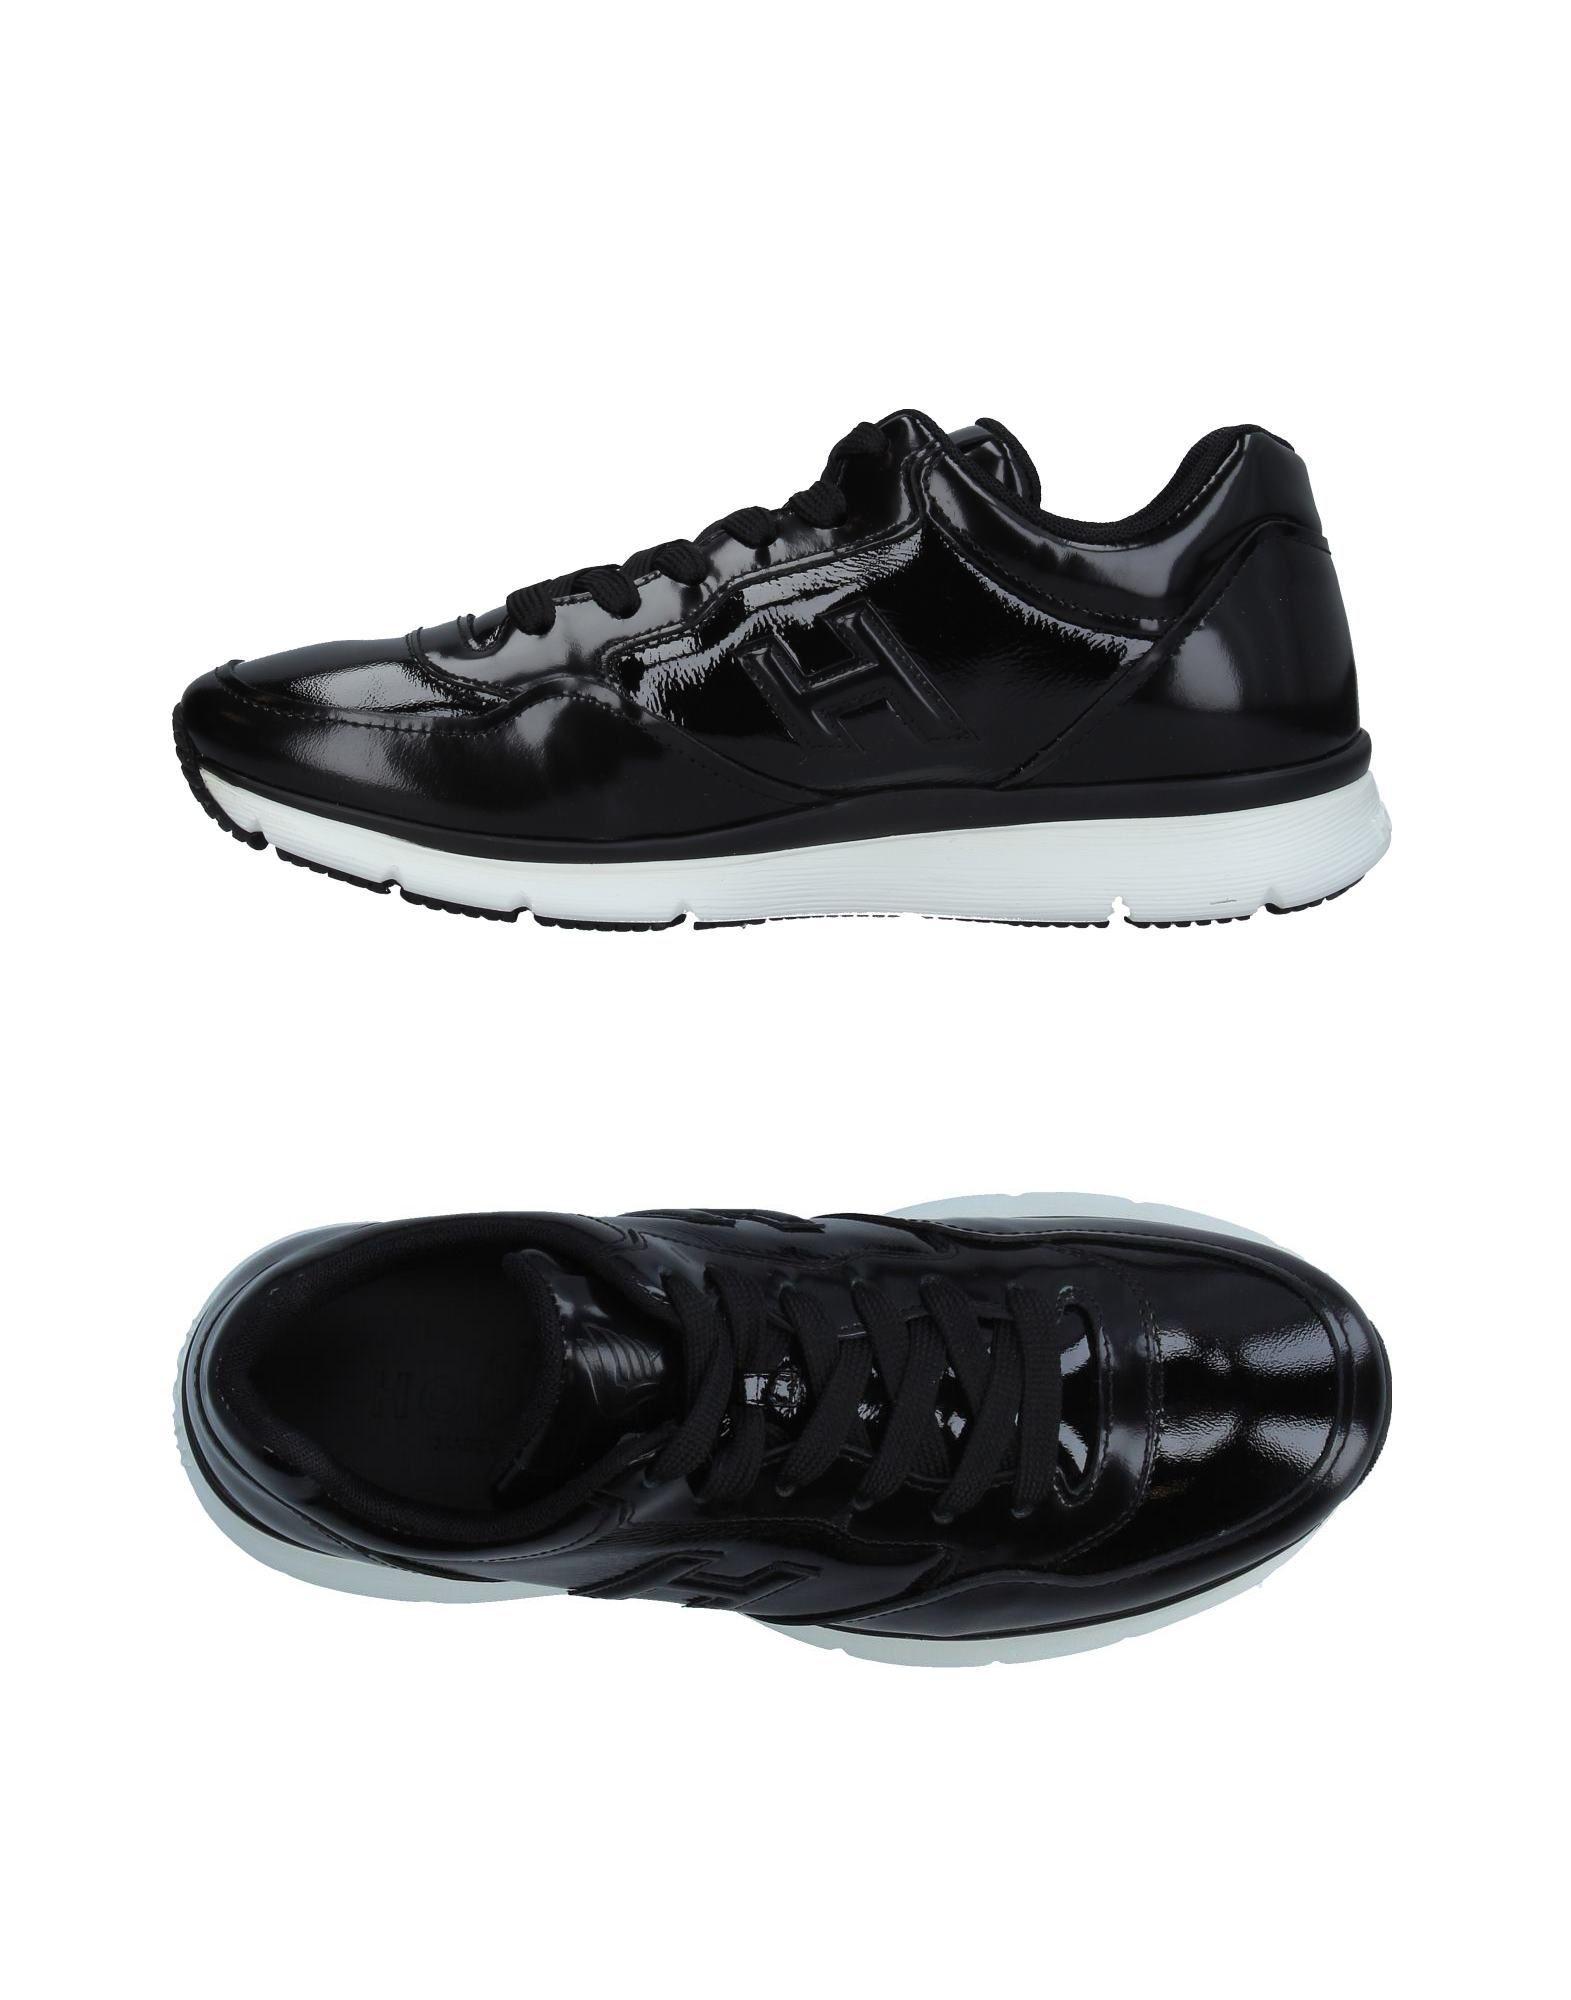 Hogan Sneakers Schuhe Herren  11291580KW Heiße Schuhe Sneakers 3241c4